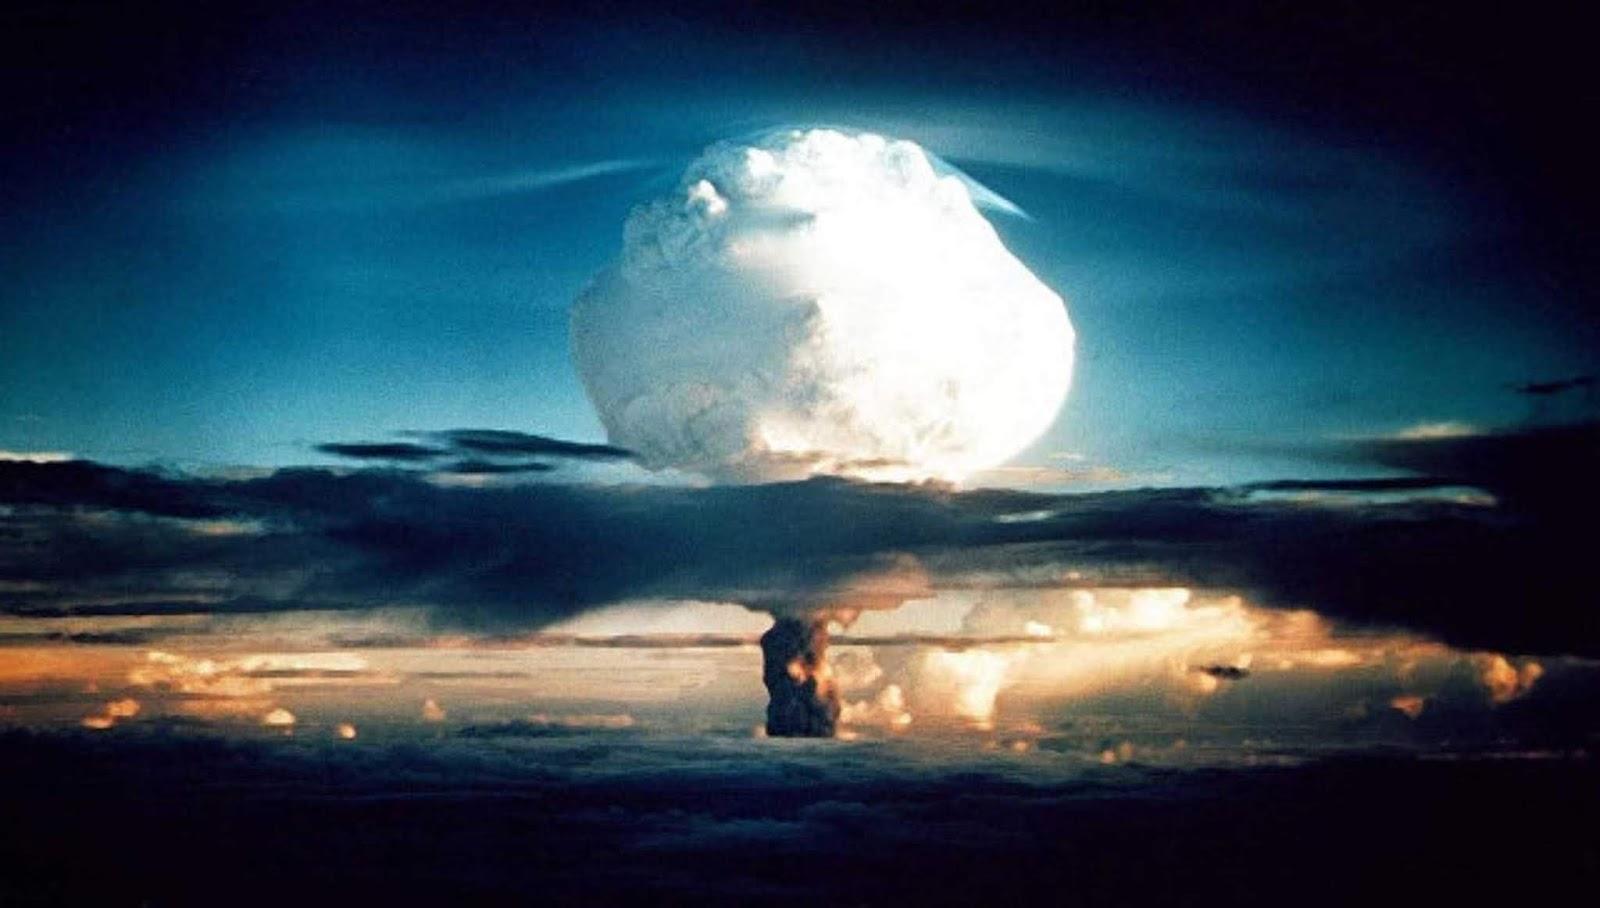 Pakar itu menceritakan bagaimana perang nuklir antara Rusia dan AS bisa dimulai